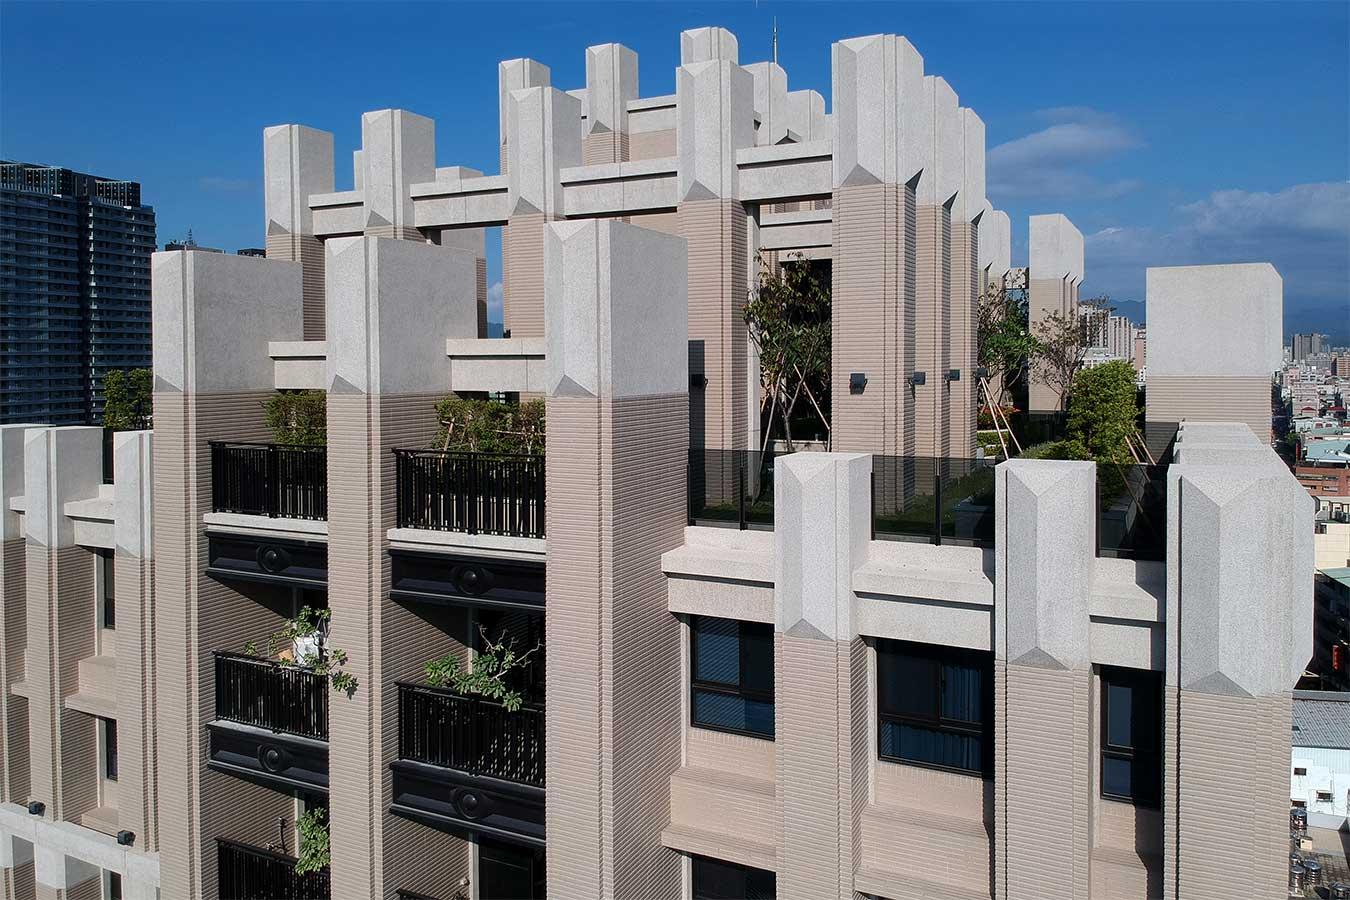 與良展配合之建案 - 台中市 - 國泰綠博苑 - 產品 : 摺疊紗門 / 摺疊紗窗 - 代表圖片